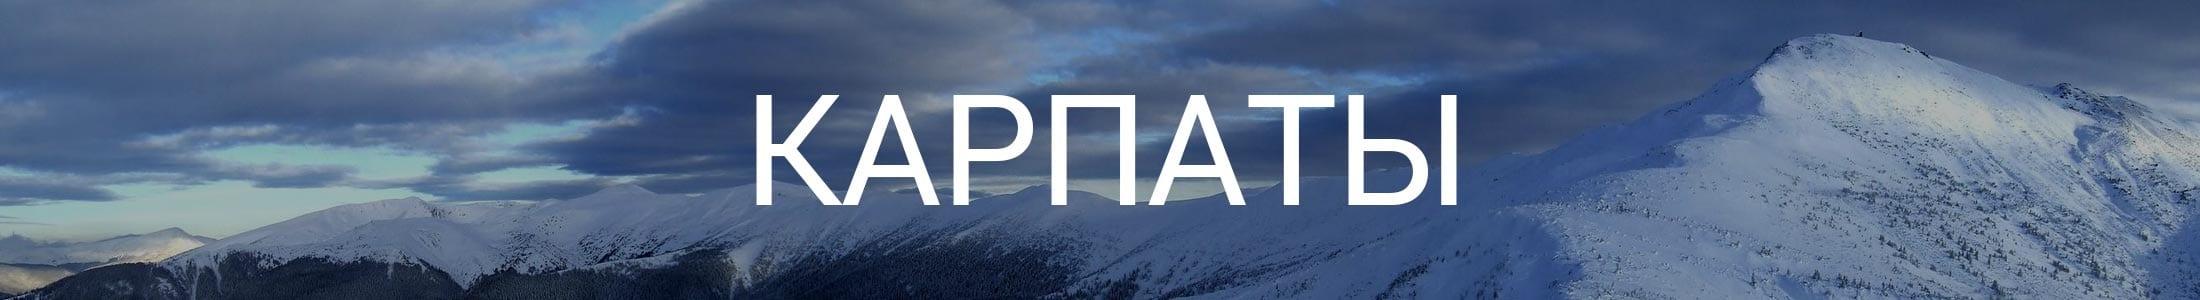 Впечатления участников о восхождениях в украинских Карпатах